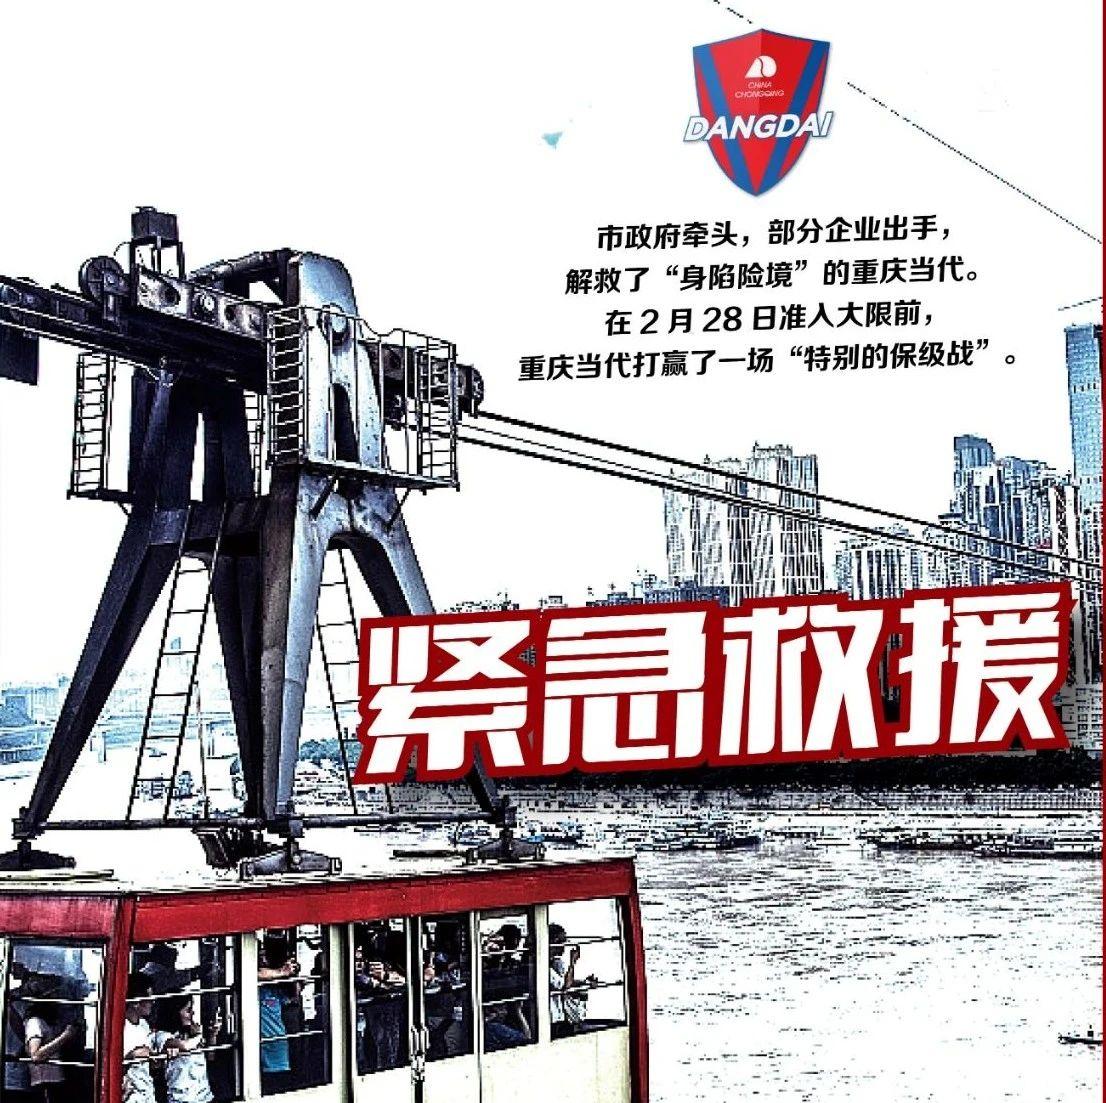 重庆准入大限前完成紧急救援 未来小本经营